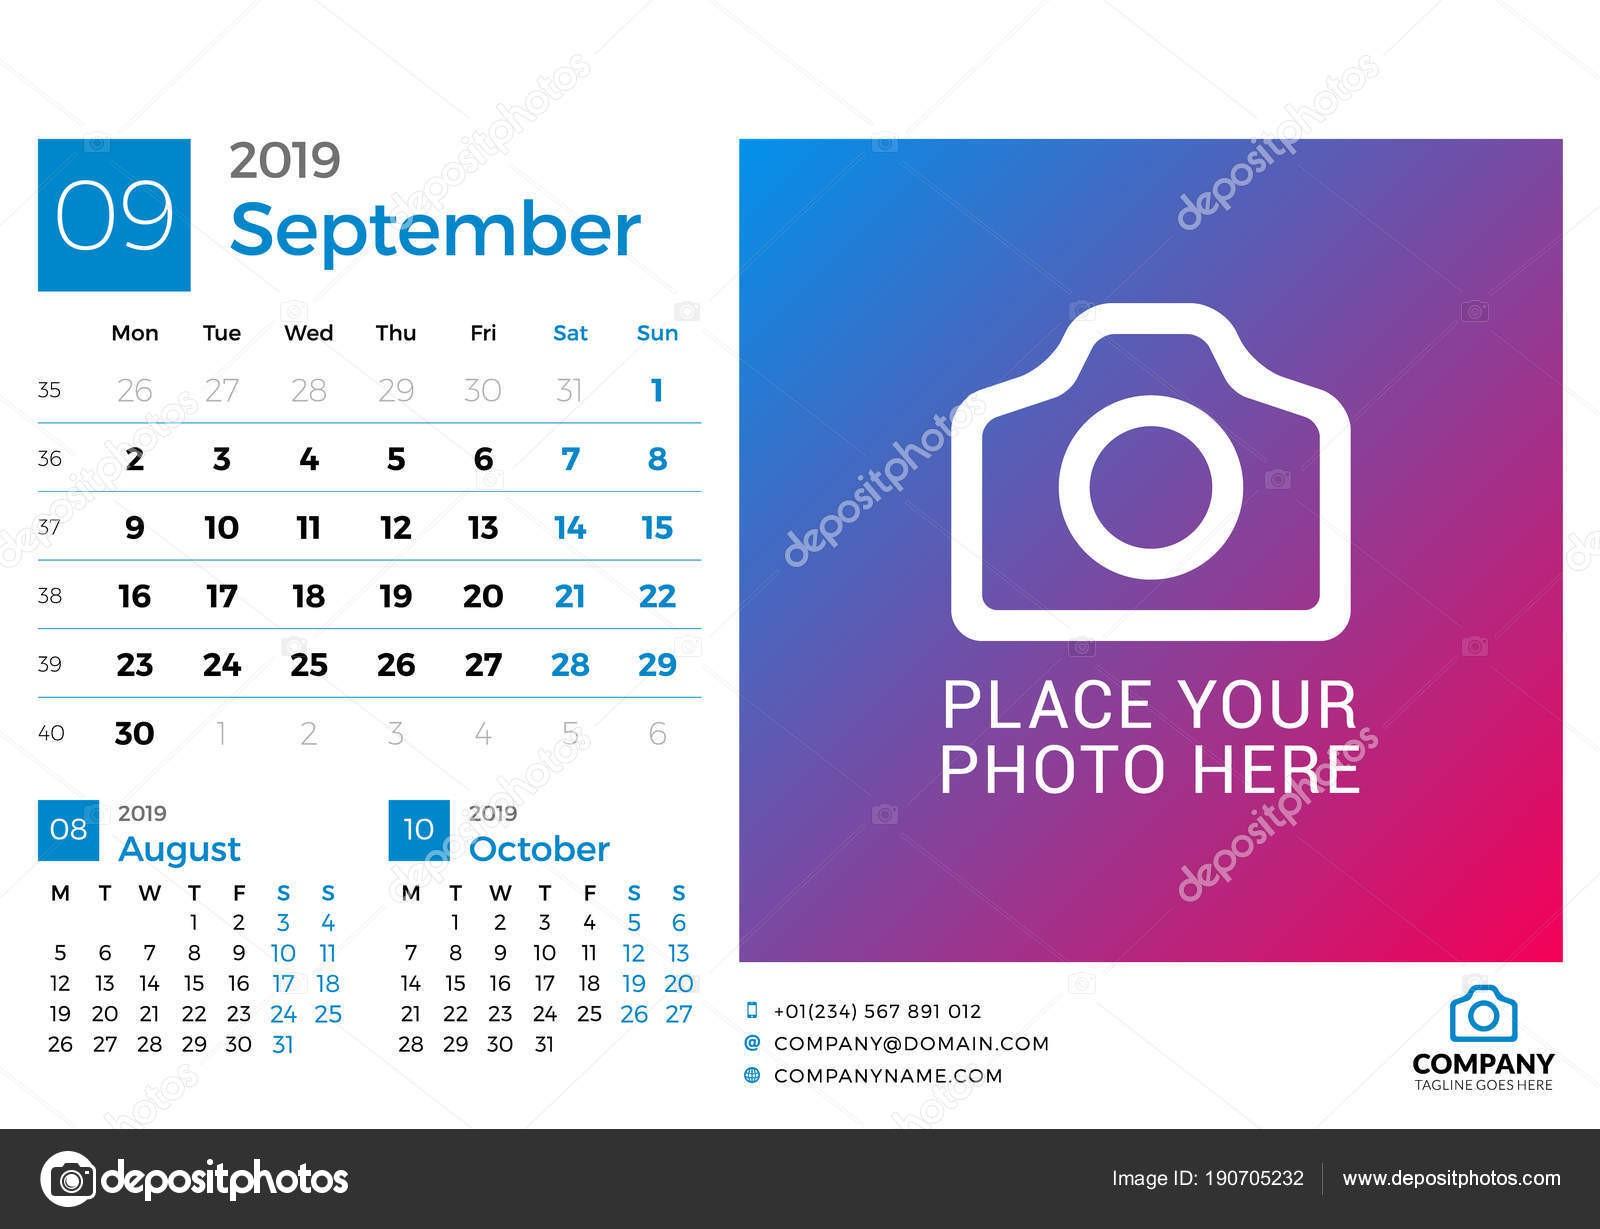 Imprimir Calendario 2019 De Bolsillo Mejores Y Más Novedosos Calendario De Septiembre De 2019 Vector Dise±o Imprimir La Of Imprimir Calendario 2019 De Bolsillo Actual C³mo Hacer Un Calendario 2018 En Excel